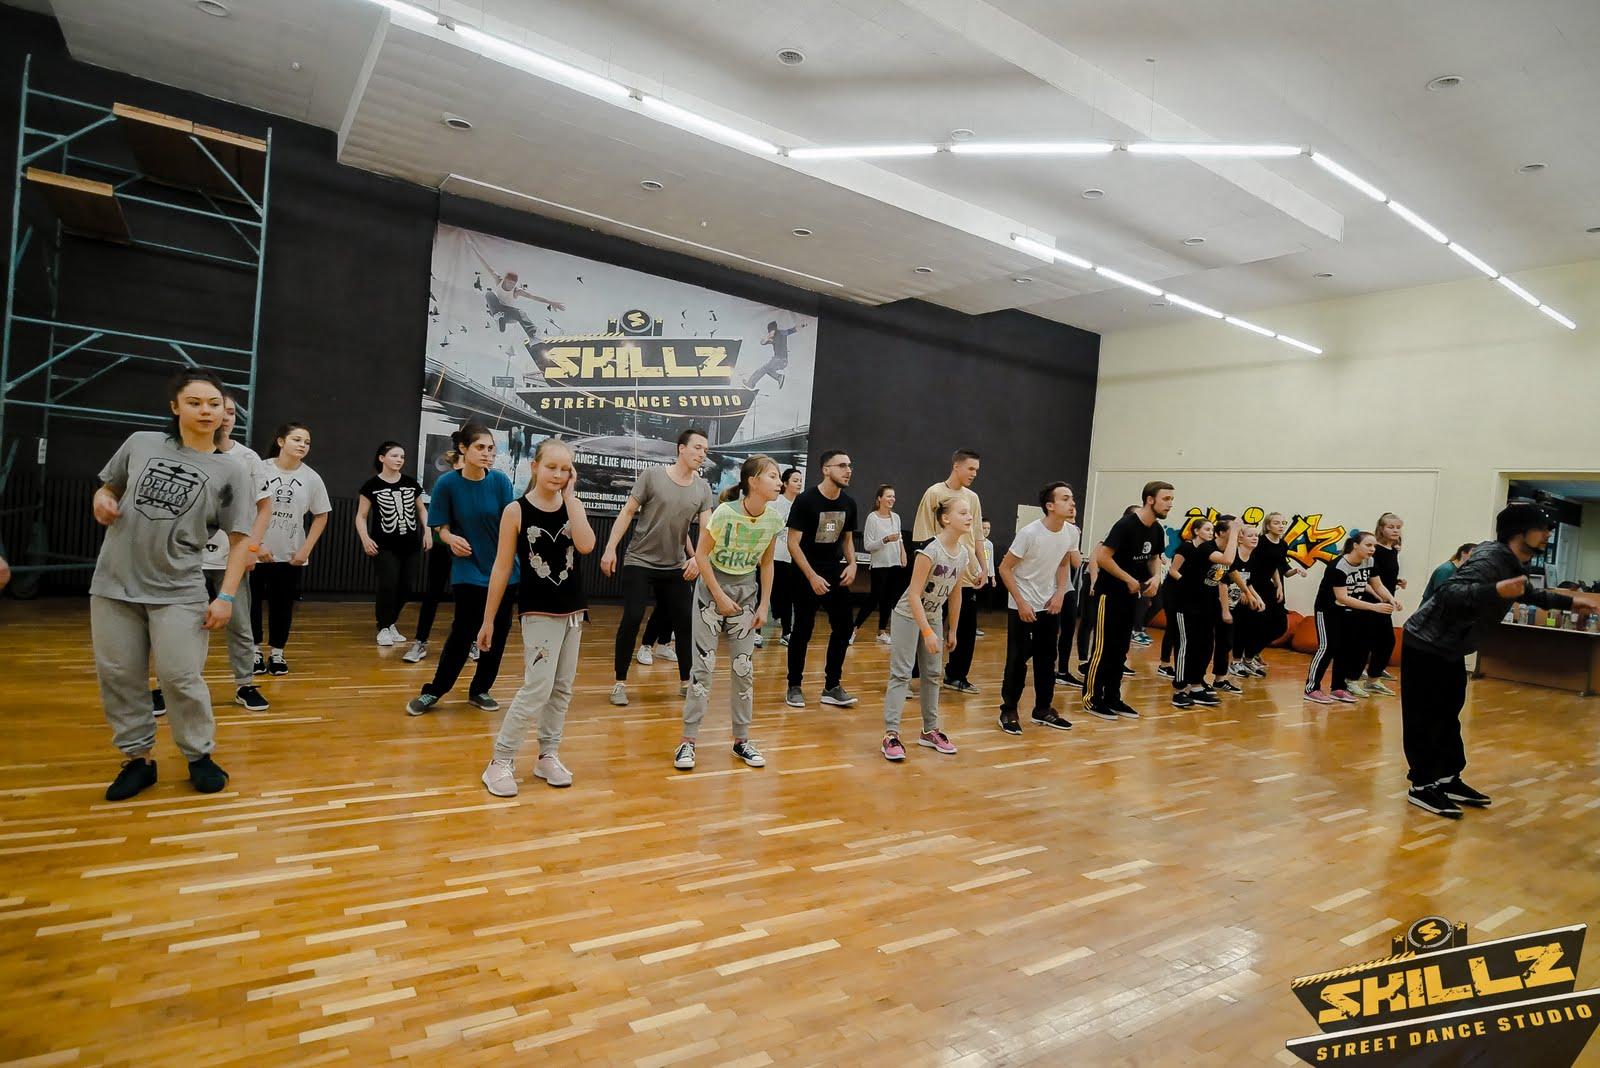 Hip hop seminaras su Jeka iš Maskvos - _1050147.jpg